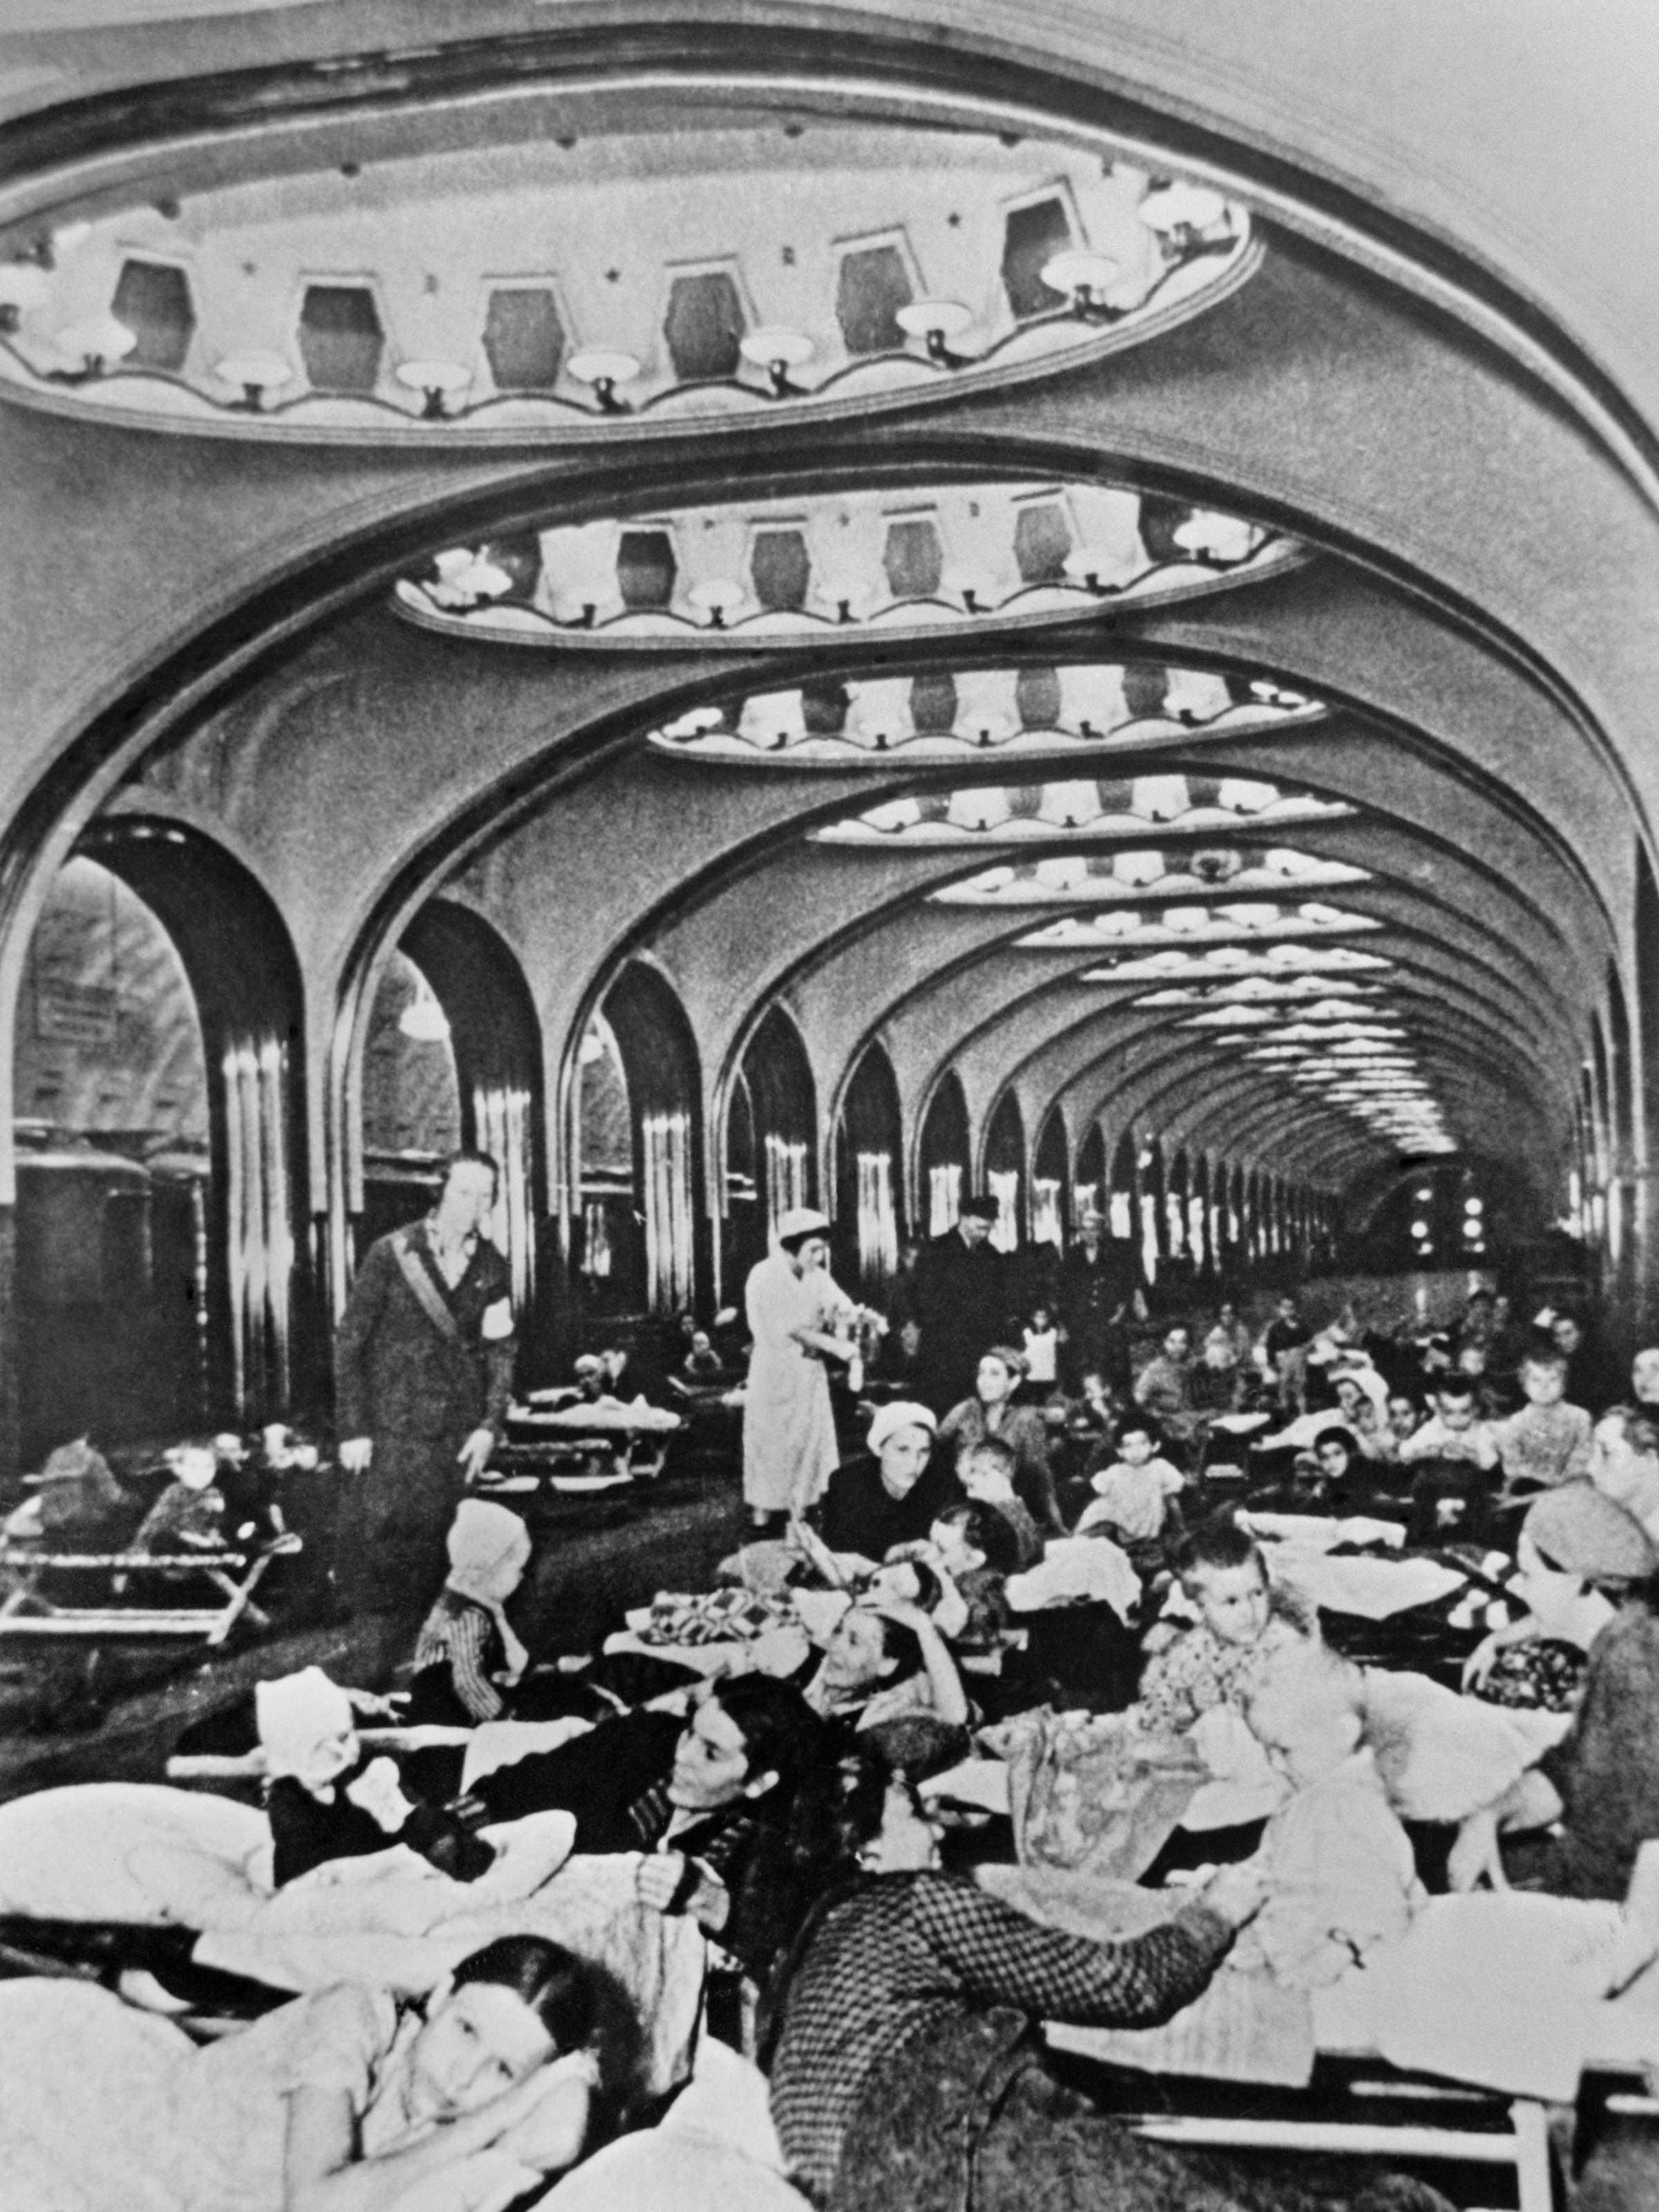 Станция метро Маяковская, преобразованная в бомбоубежище, 1941 г. Автор: Аркадий Шайхет